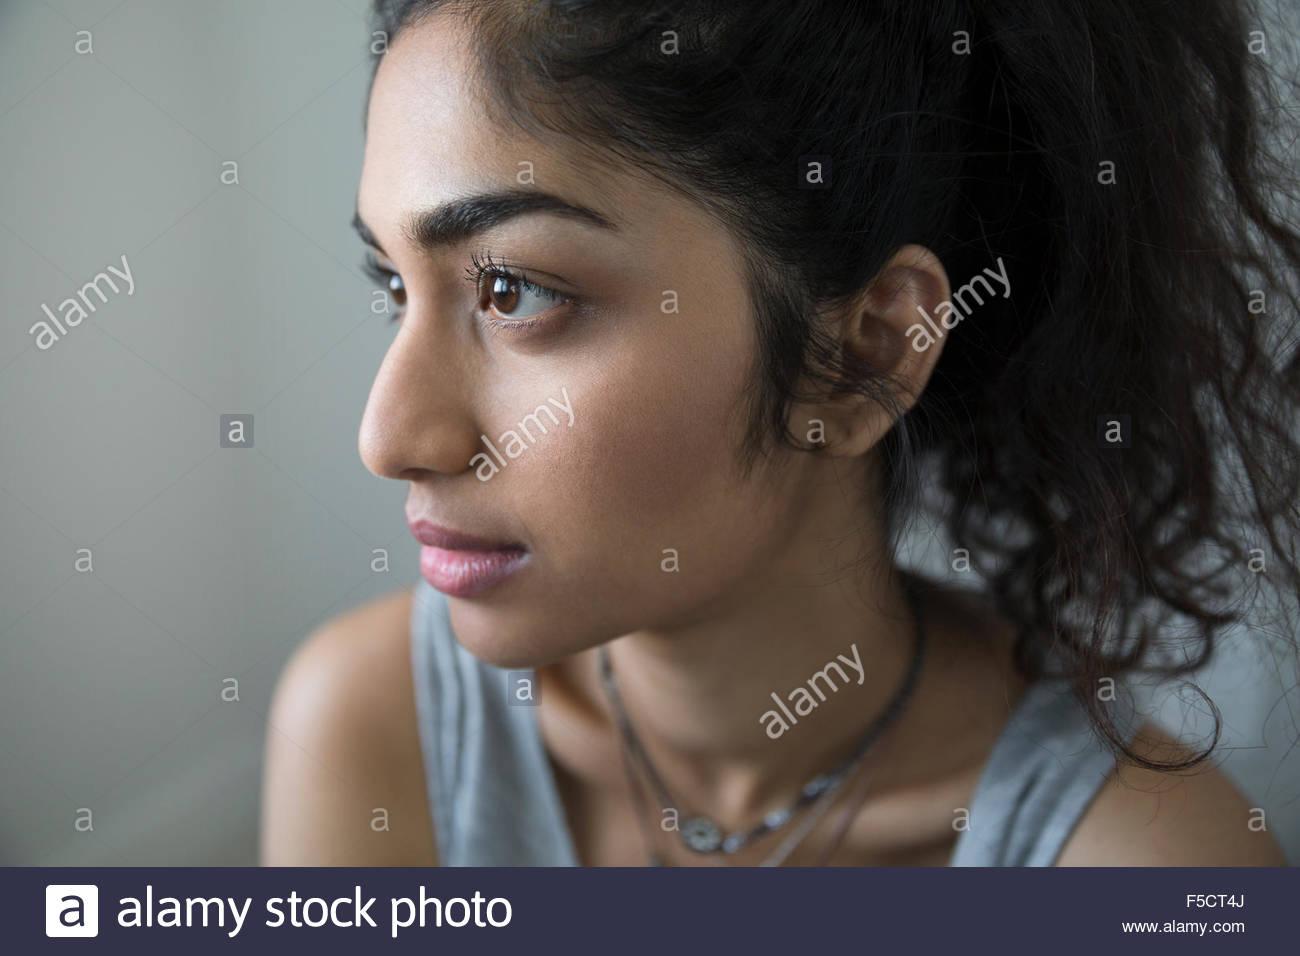 Cerrar retrato joven pensativo mirando lejos Imagen De Stock